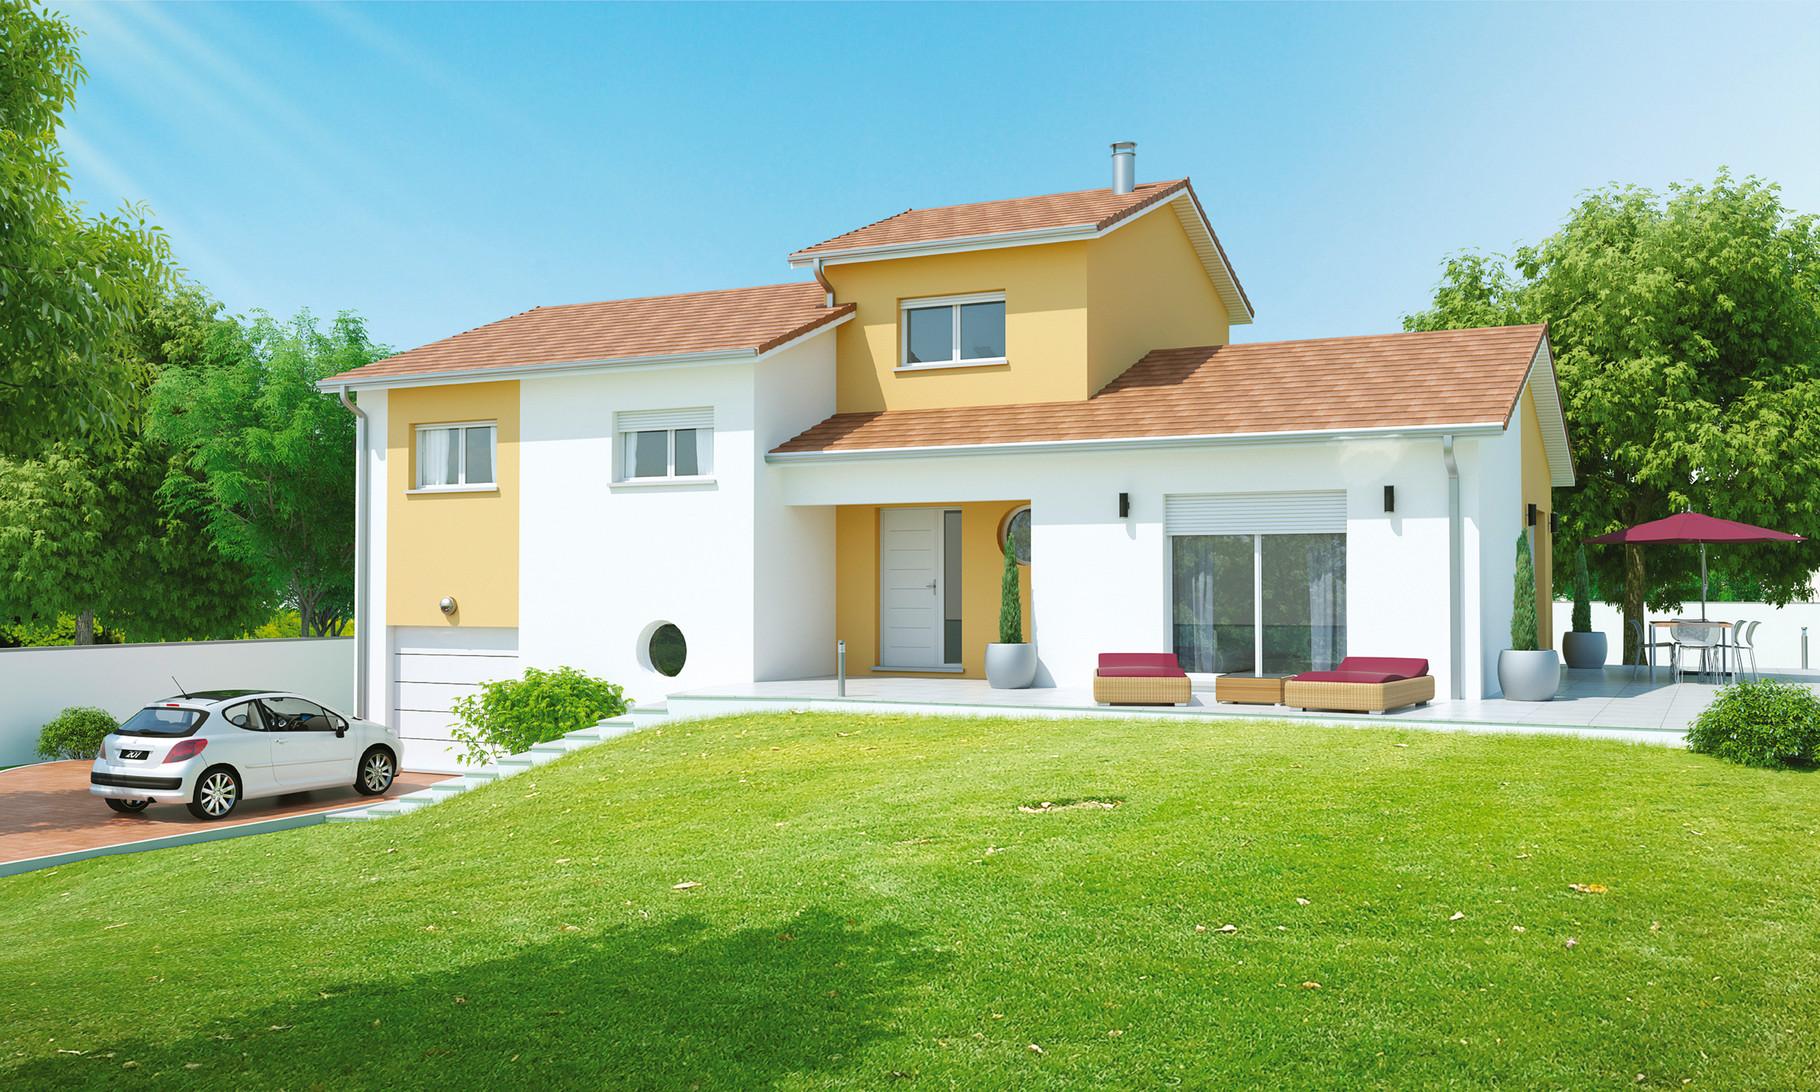 Maisons demi sous sol maisons axial loire 42 for Amenagement sol exterieur maison